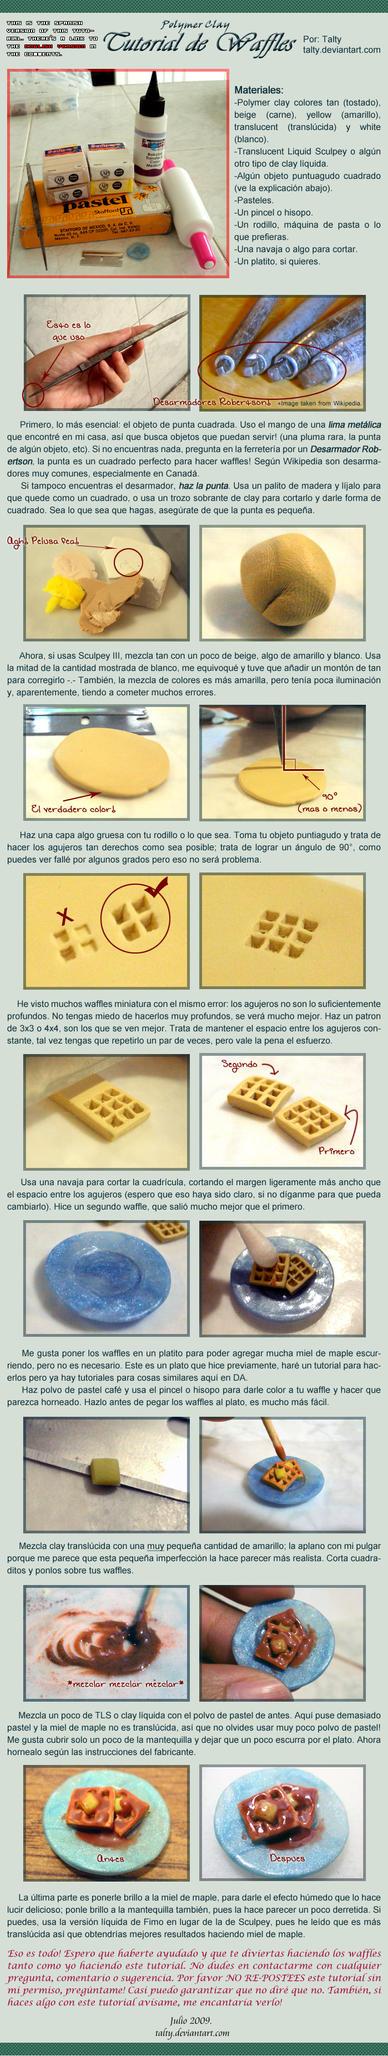 PC Tutorial de Waffles by Talty